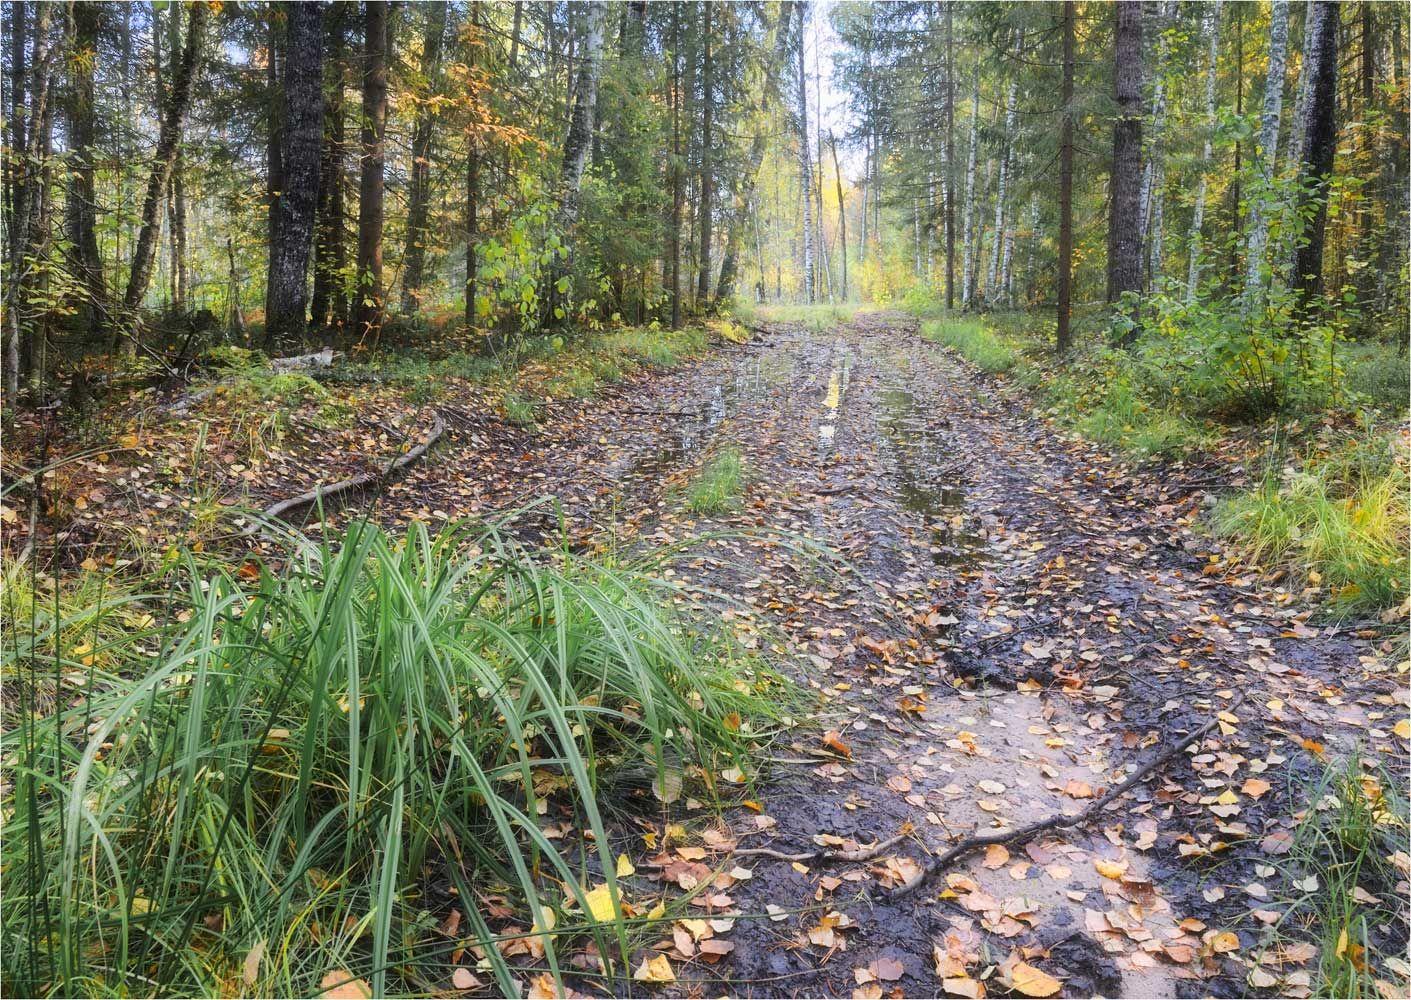 По сентябрьскому лесу